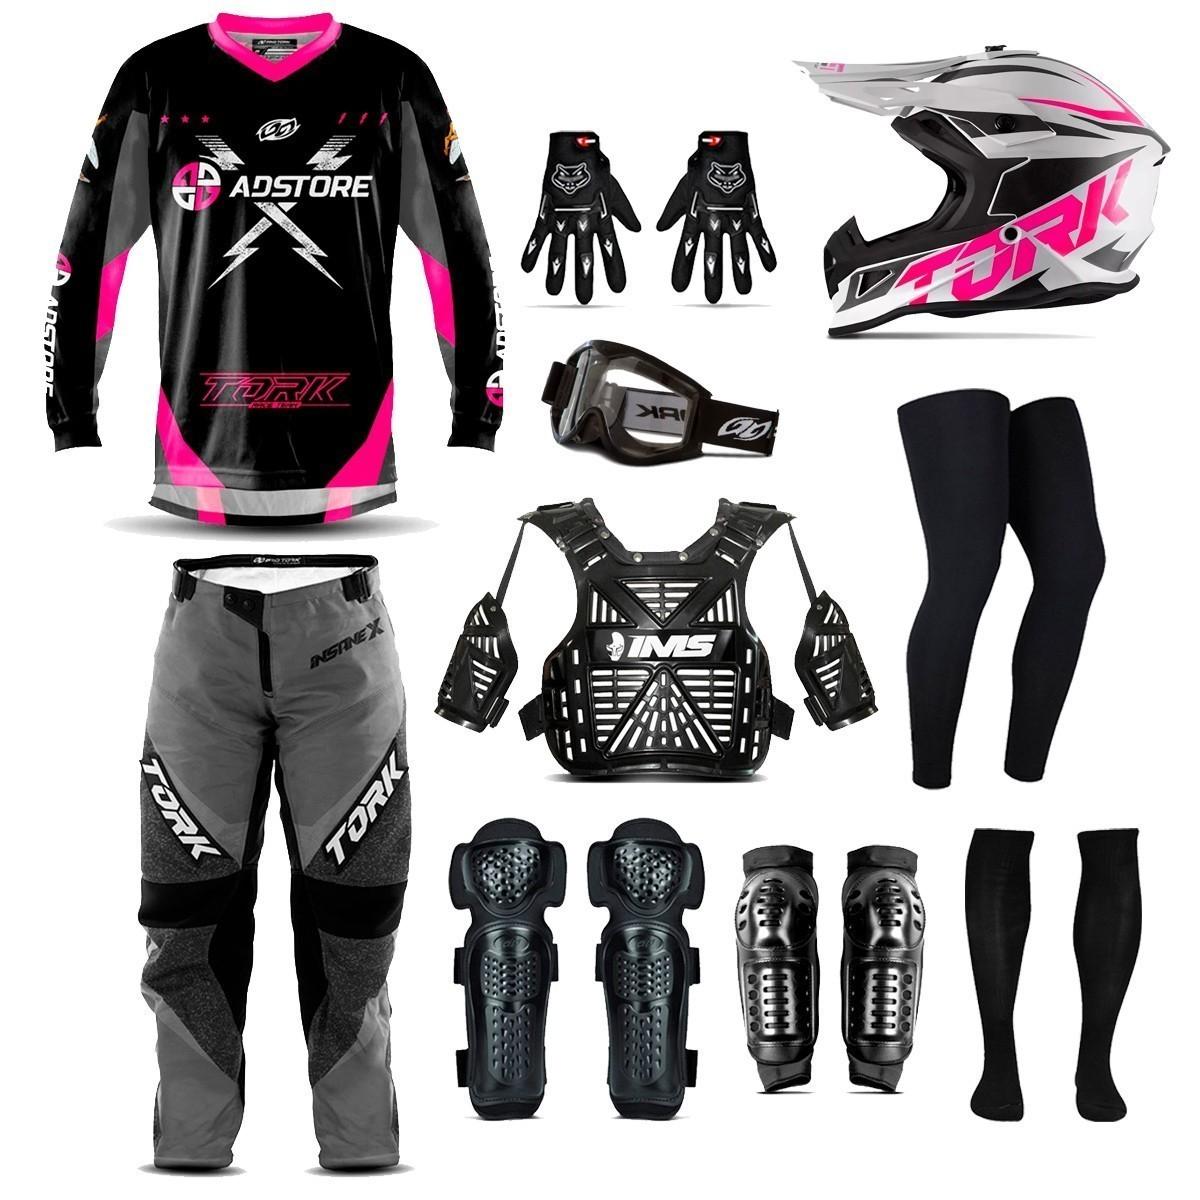 Kit Equipamento 10 Itens Conjunto Motocross Trilha Ad Store X Rosa Fast 788